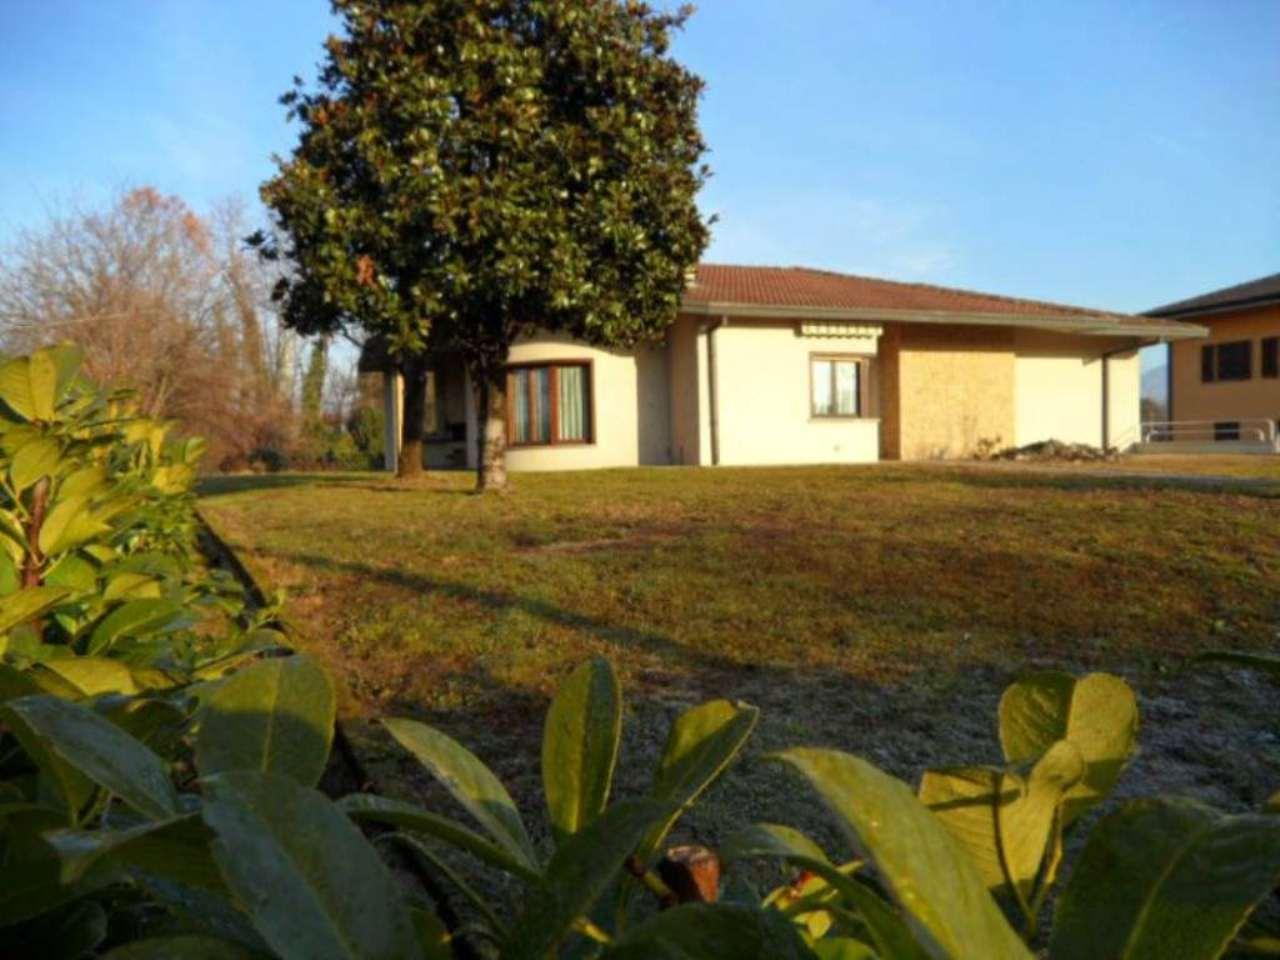 Villa in vendita a Seriate, 4 locali, prezzo € 520.000 | CambioCasa.it